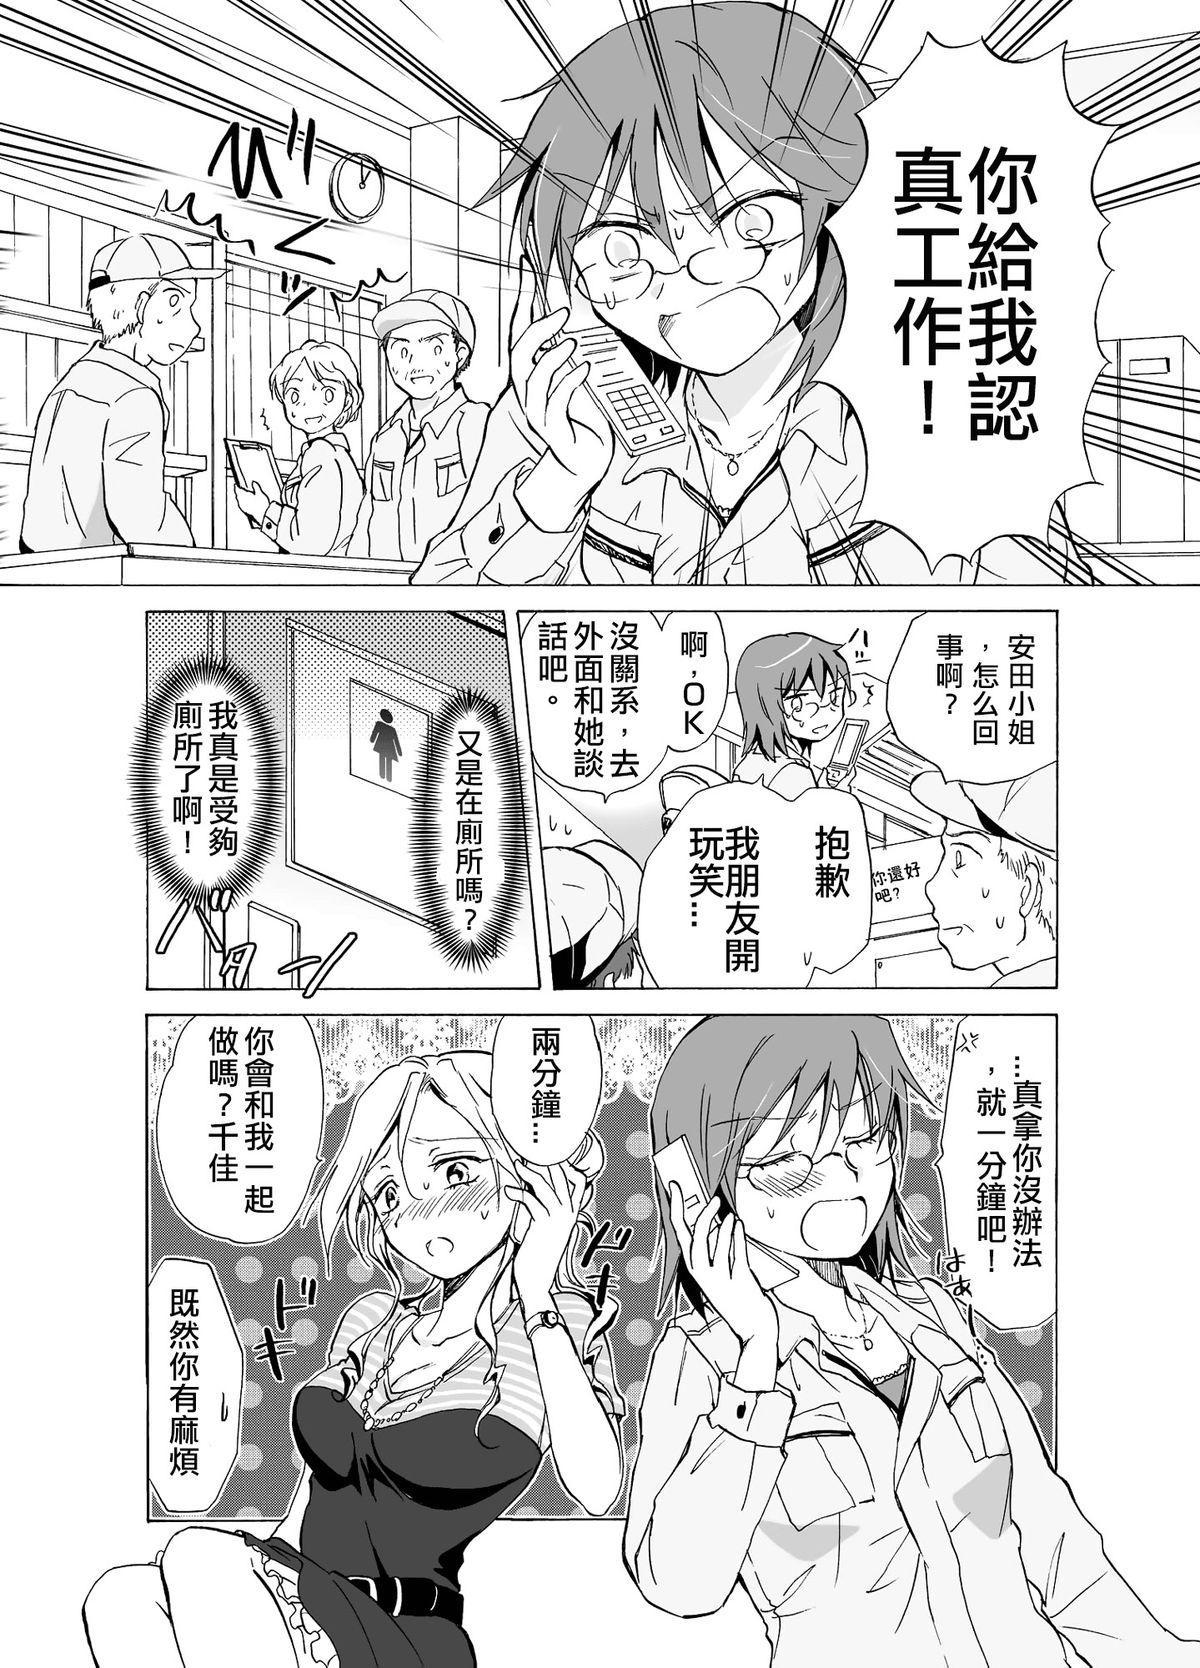 Aisaresugite Komaru no | 為愛所困 20